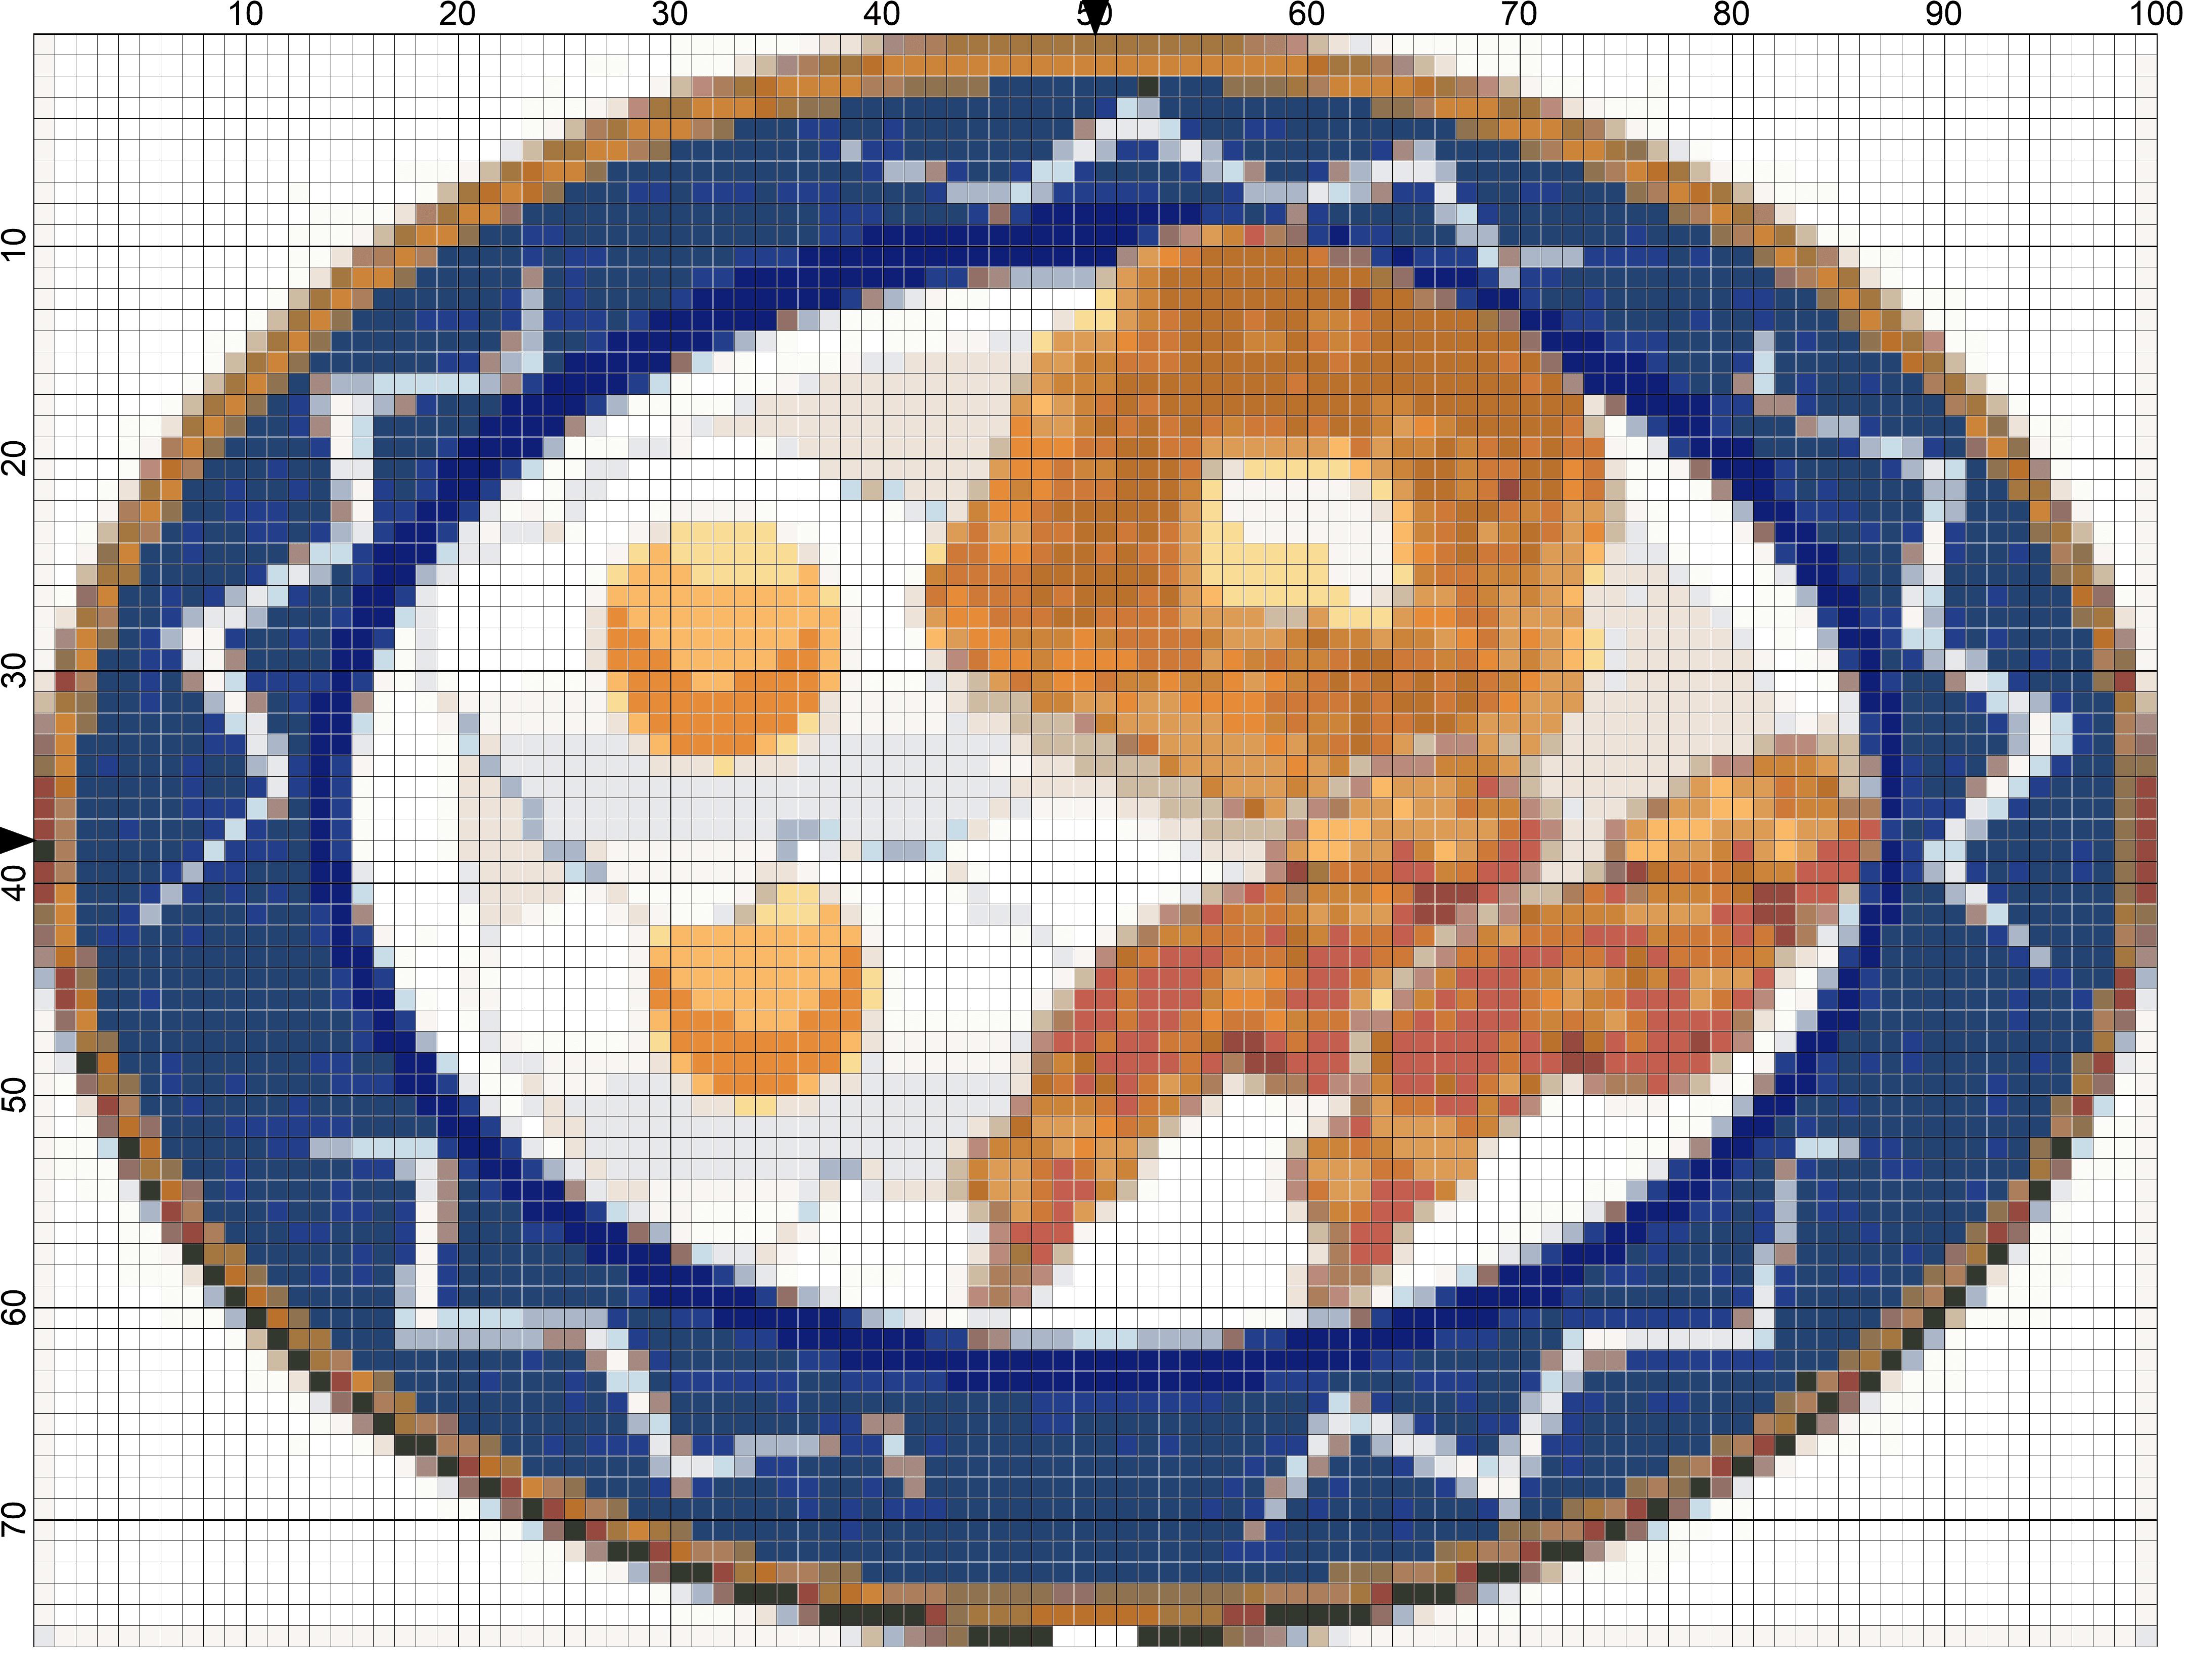 eggs-bacon-toast-breakfast needlepoint chart